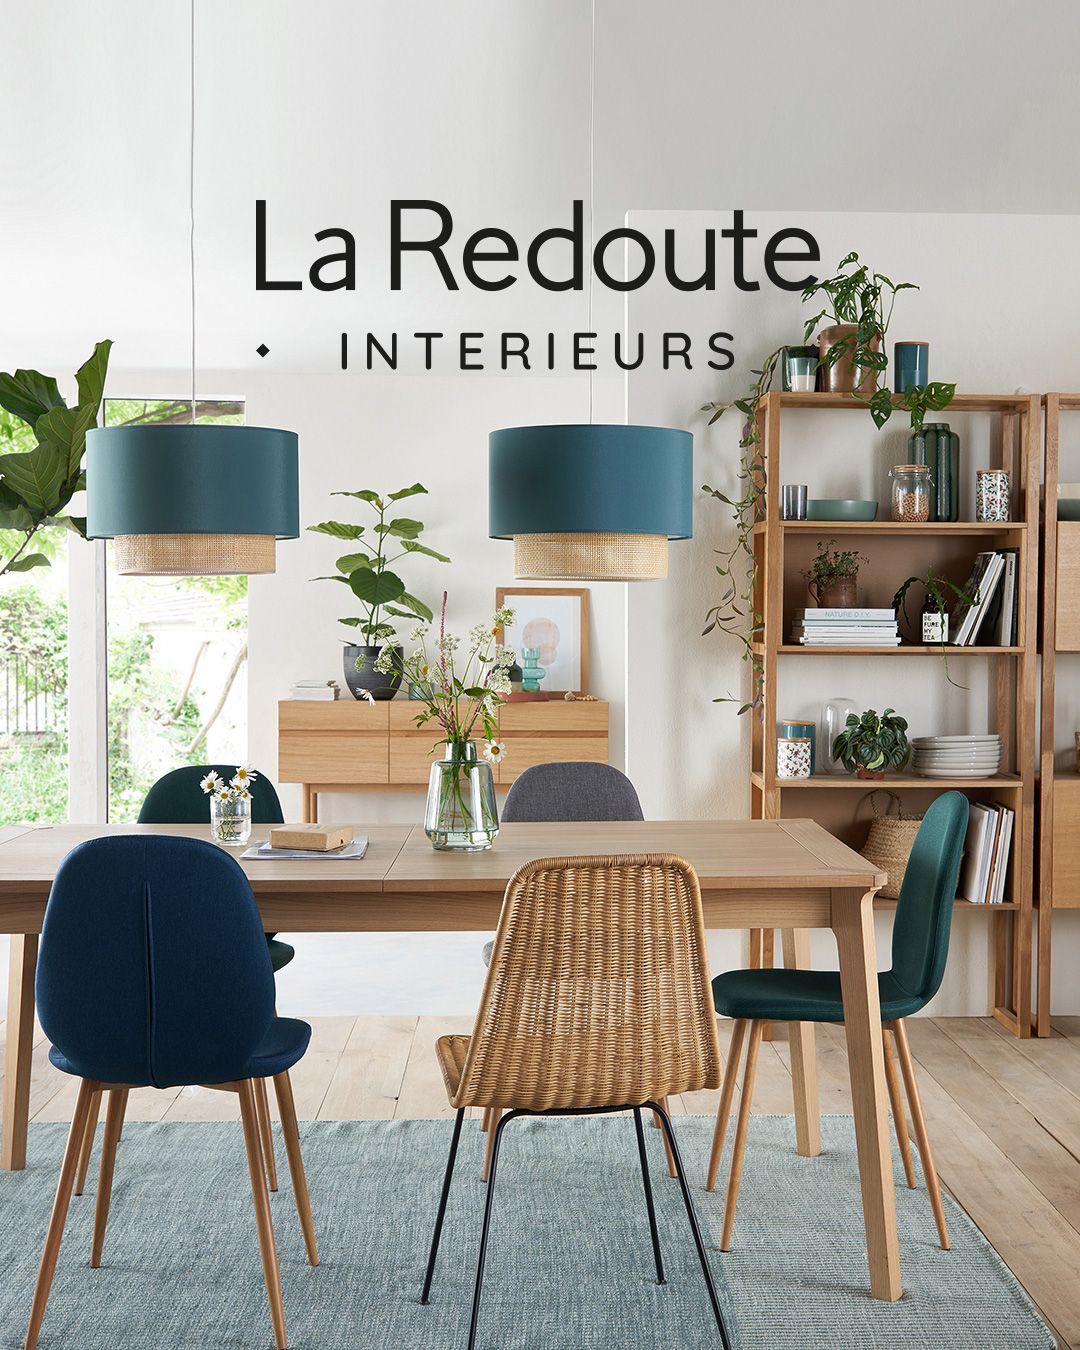 Nouvelle Collection La Redoute Interieurs 2020 2021 En 2020 Meuble Salle A Manger Deco Maison Interieur Deco Maison